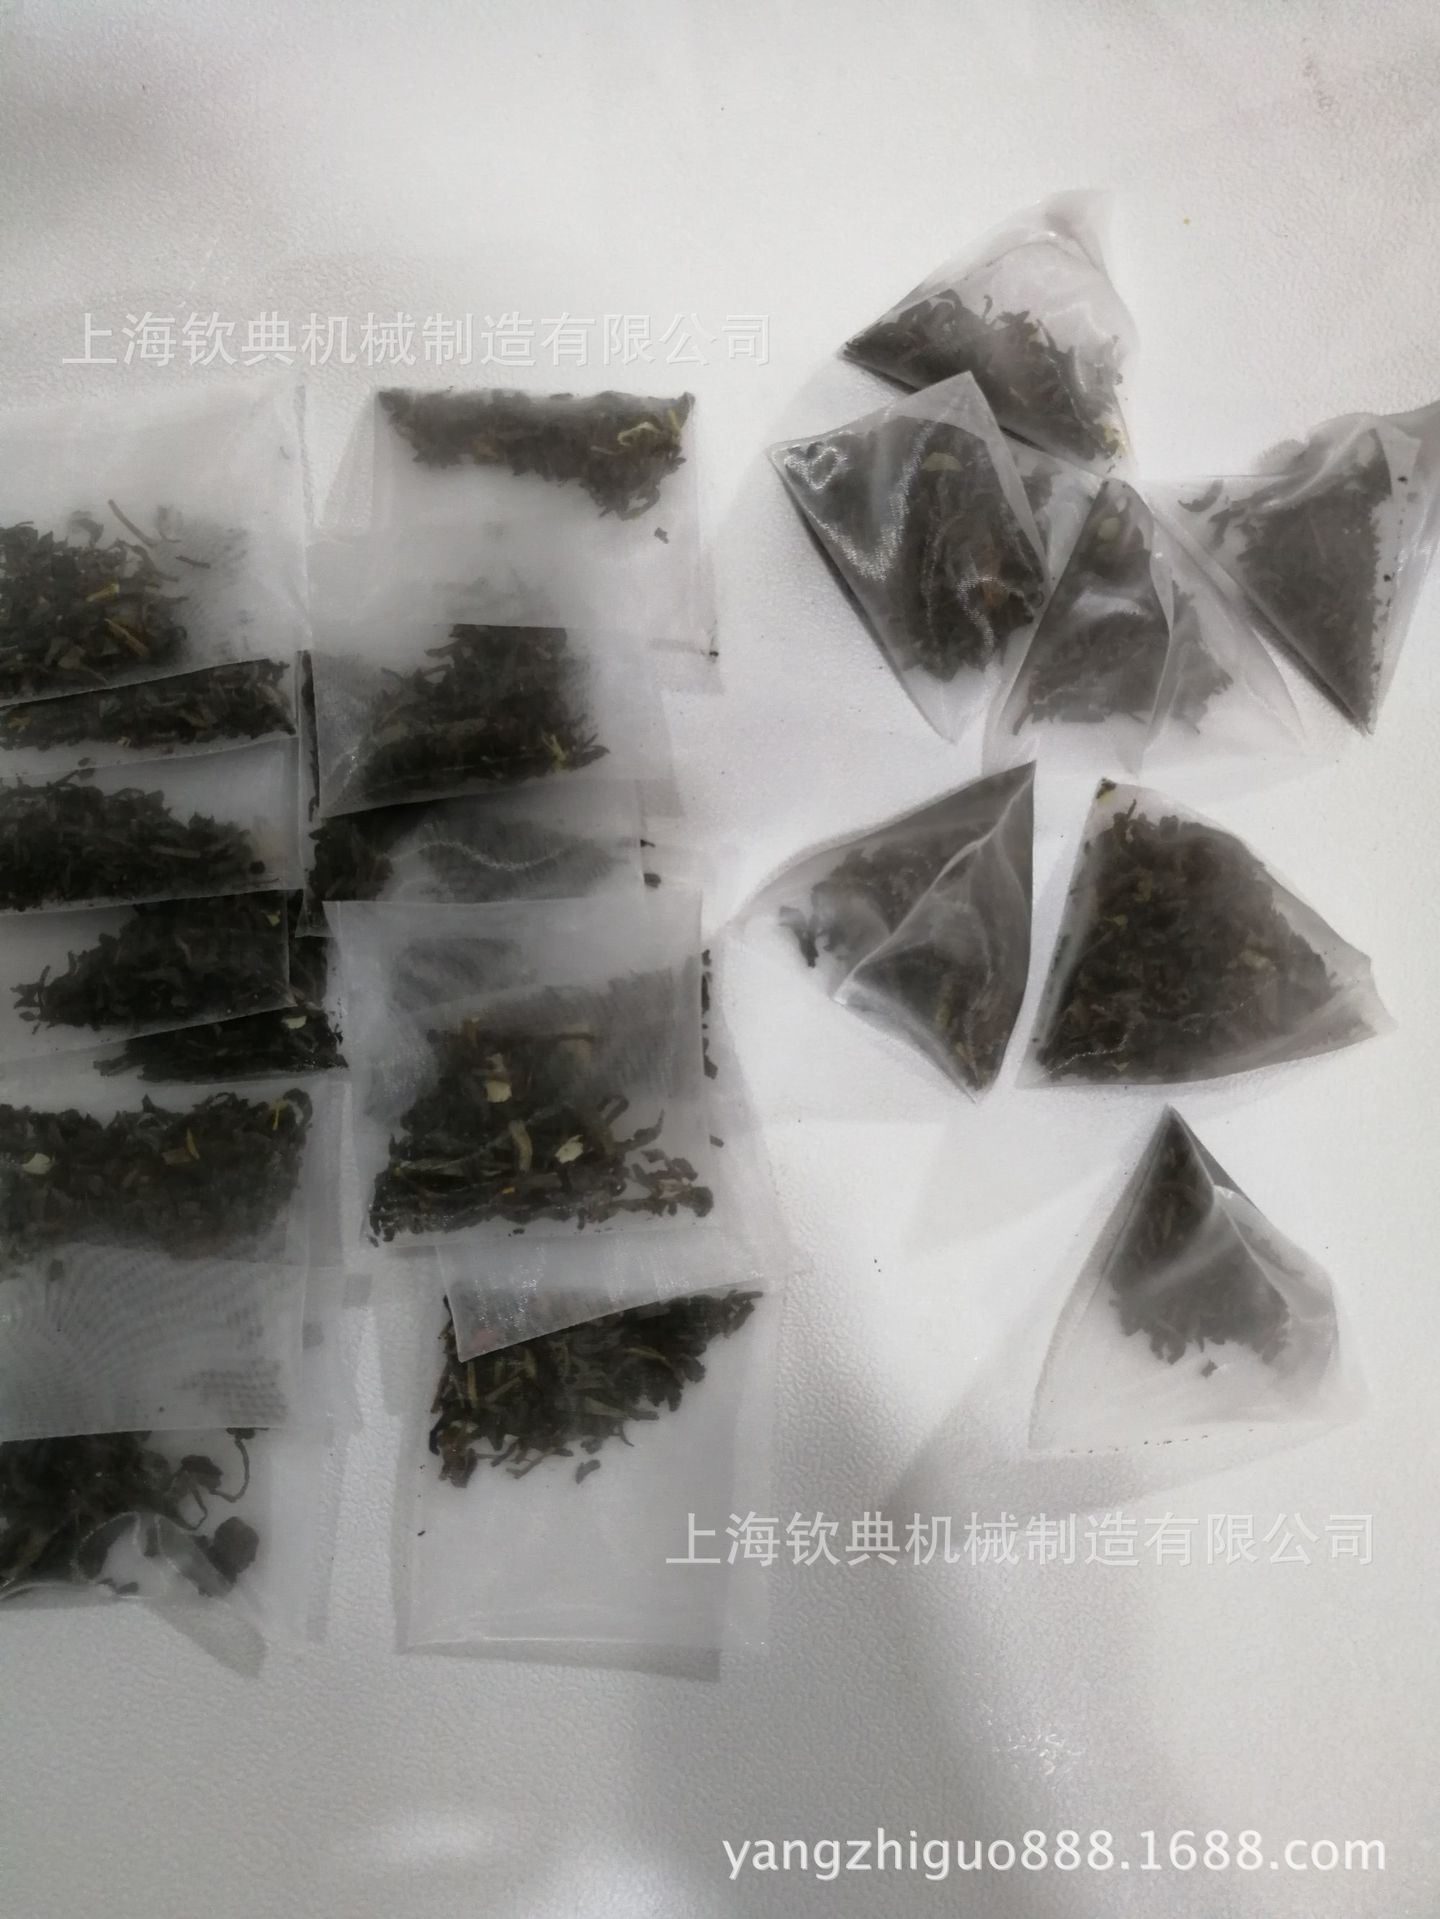 三角包混装组合花茶包装机 三角袋无纺布网袋茶叶咖啡过滤包装机